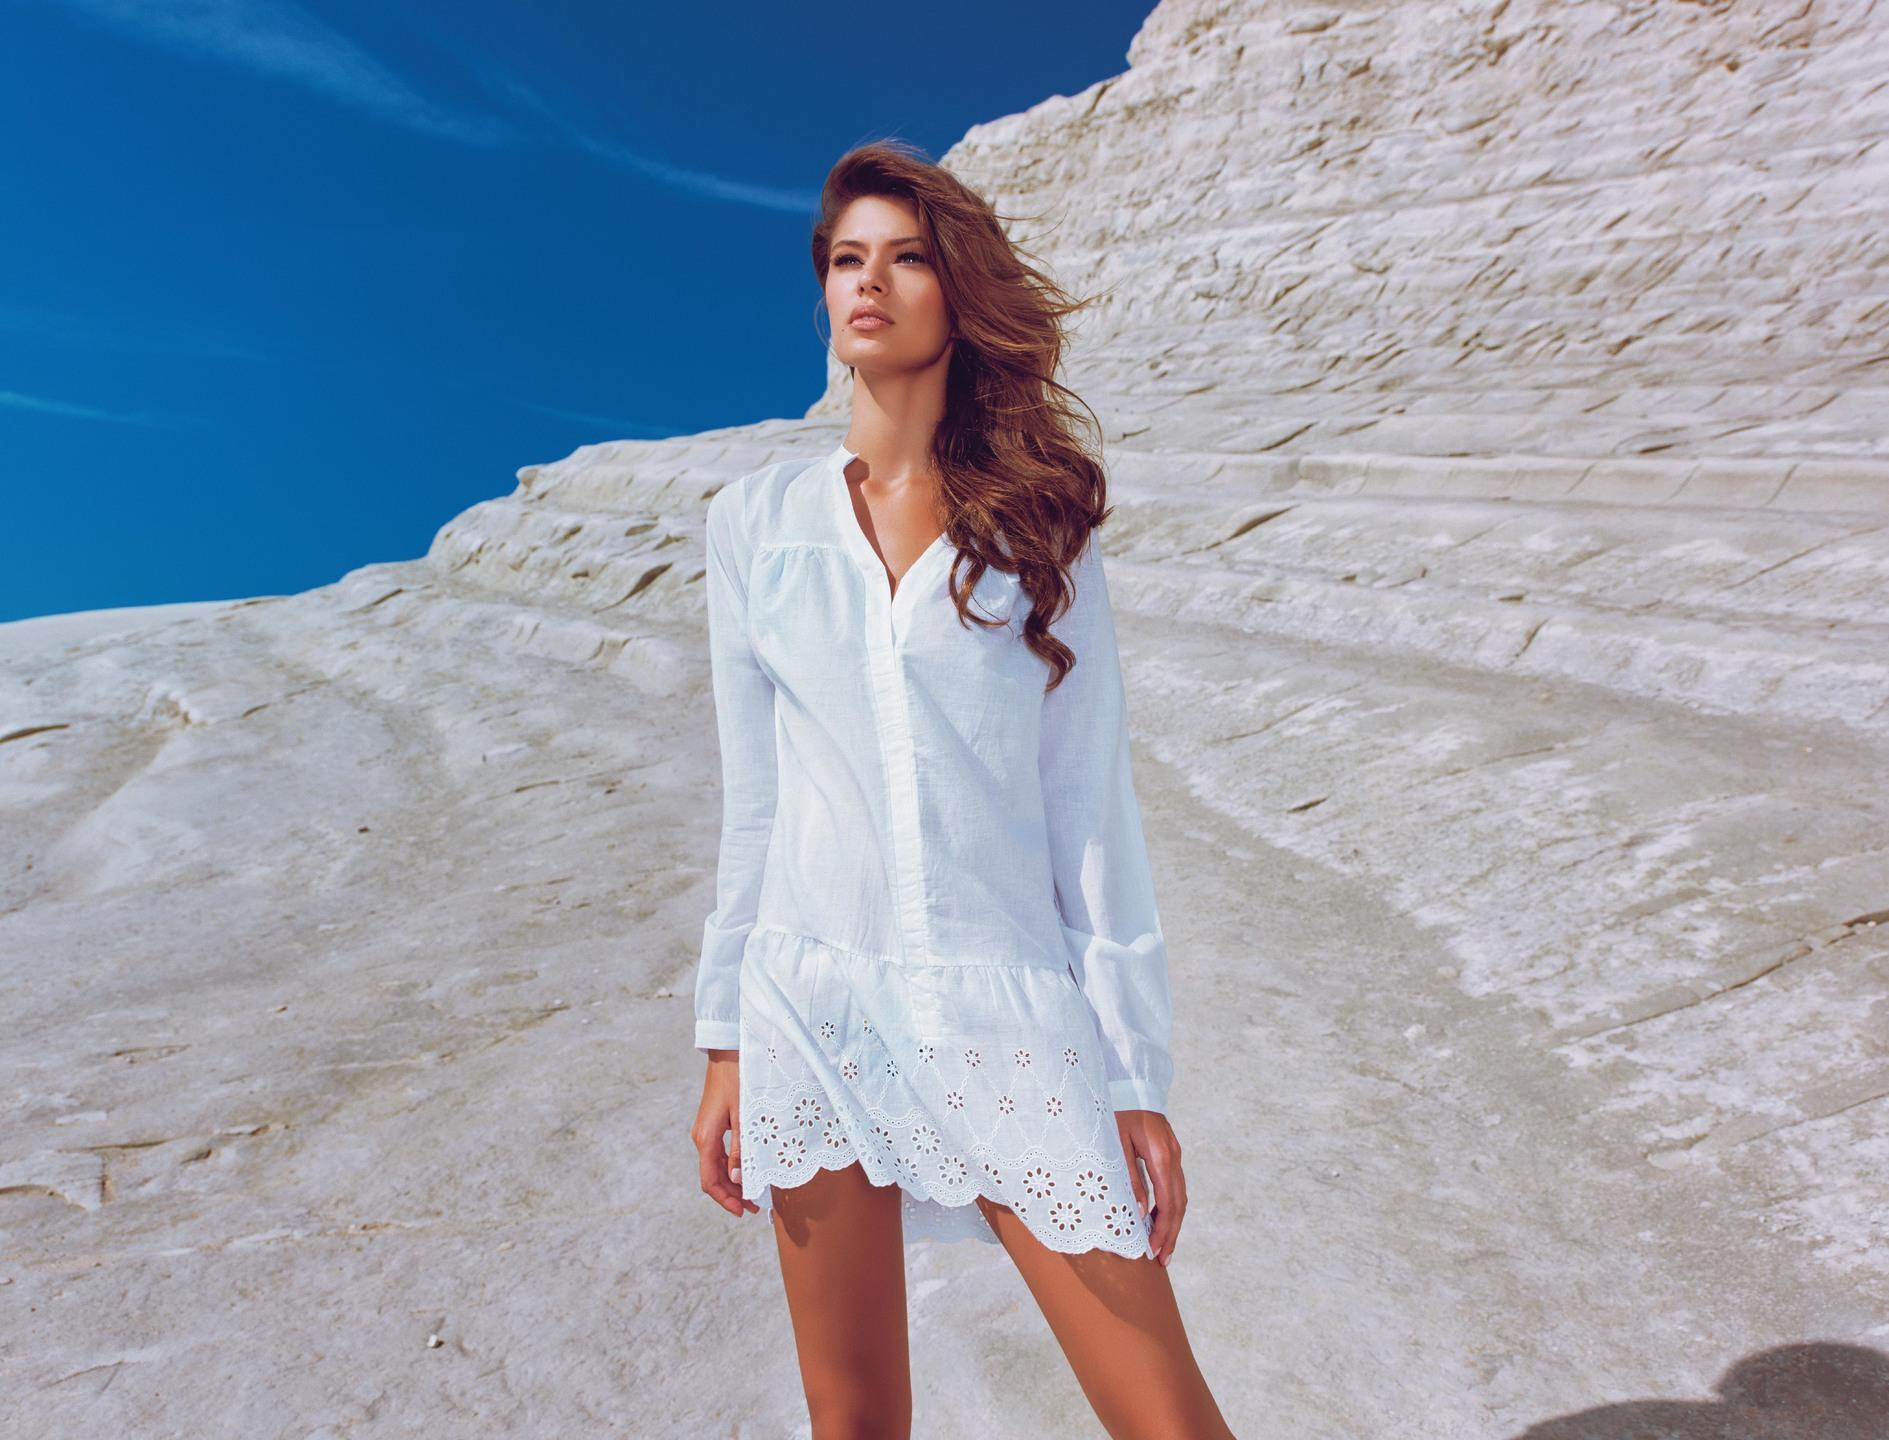 пляжная фотосессия в белом